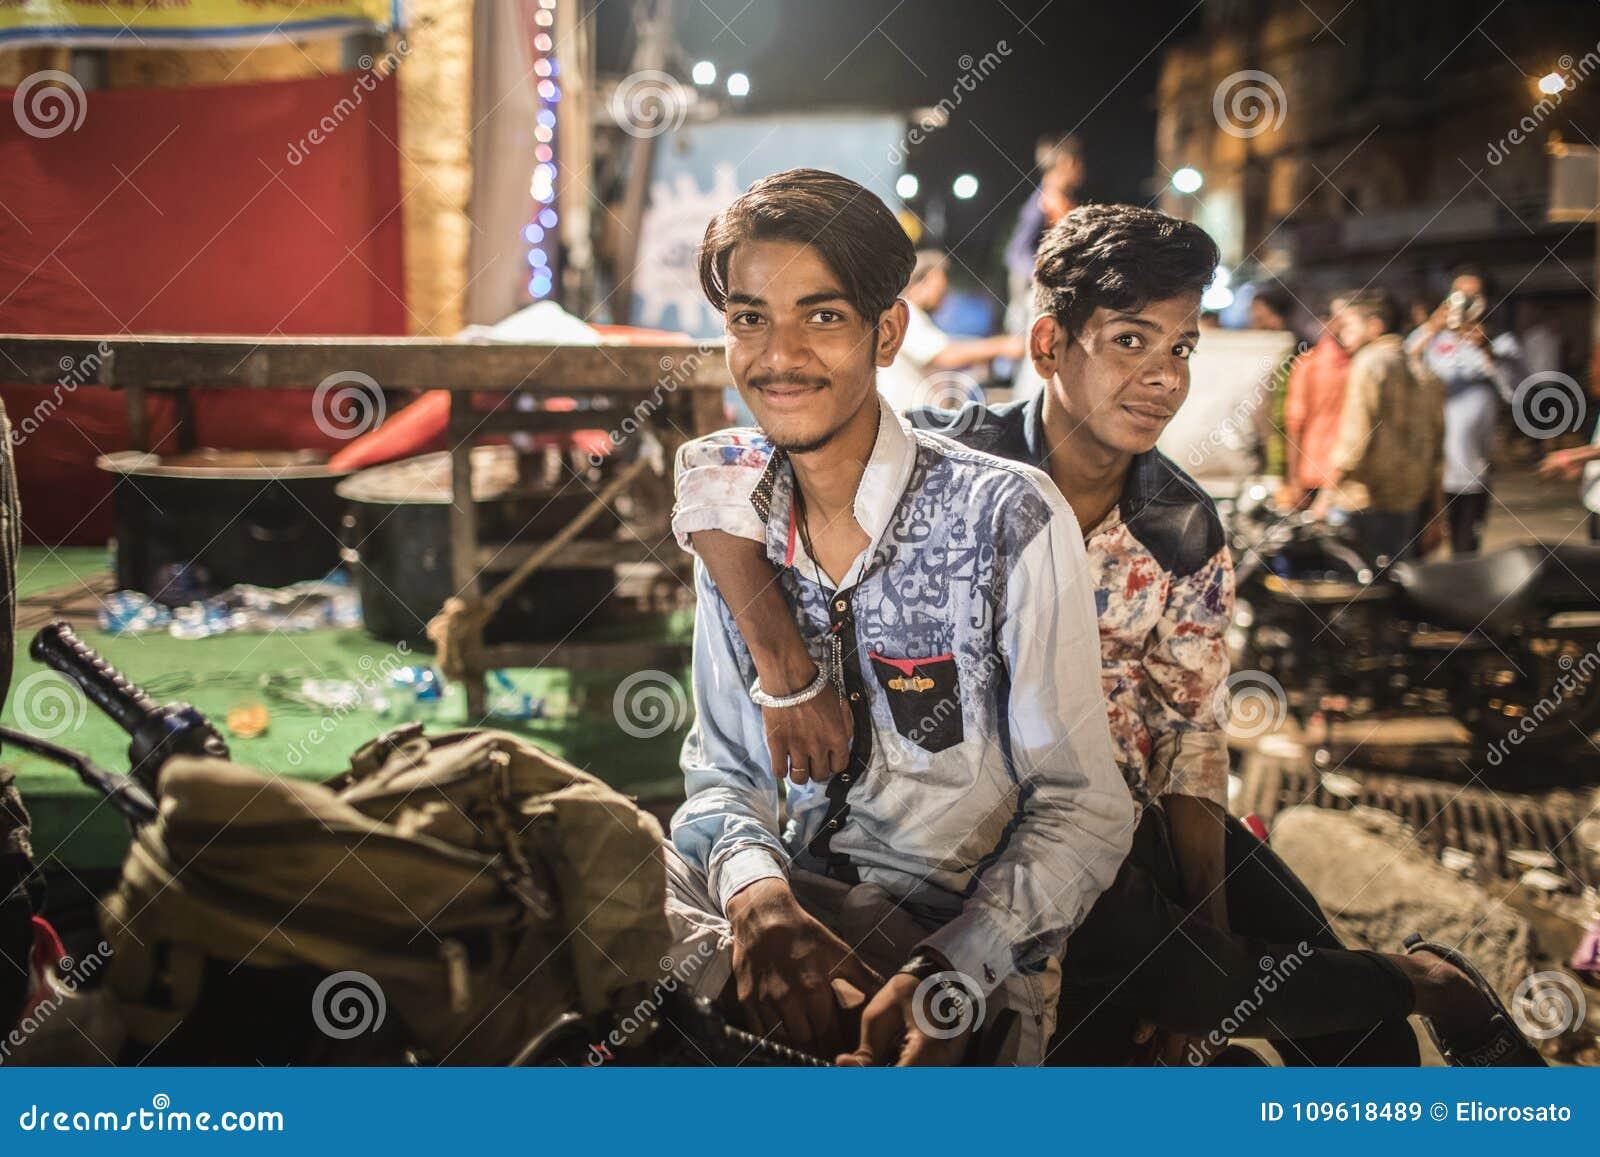 Retrato de dos individuos en un festival hindú en Jaipur, la India